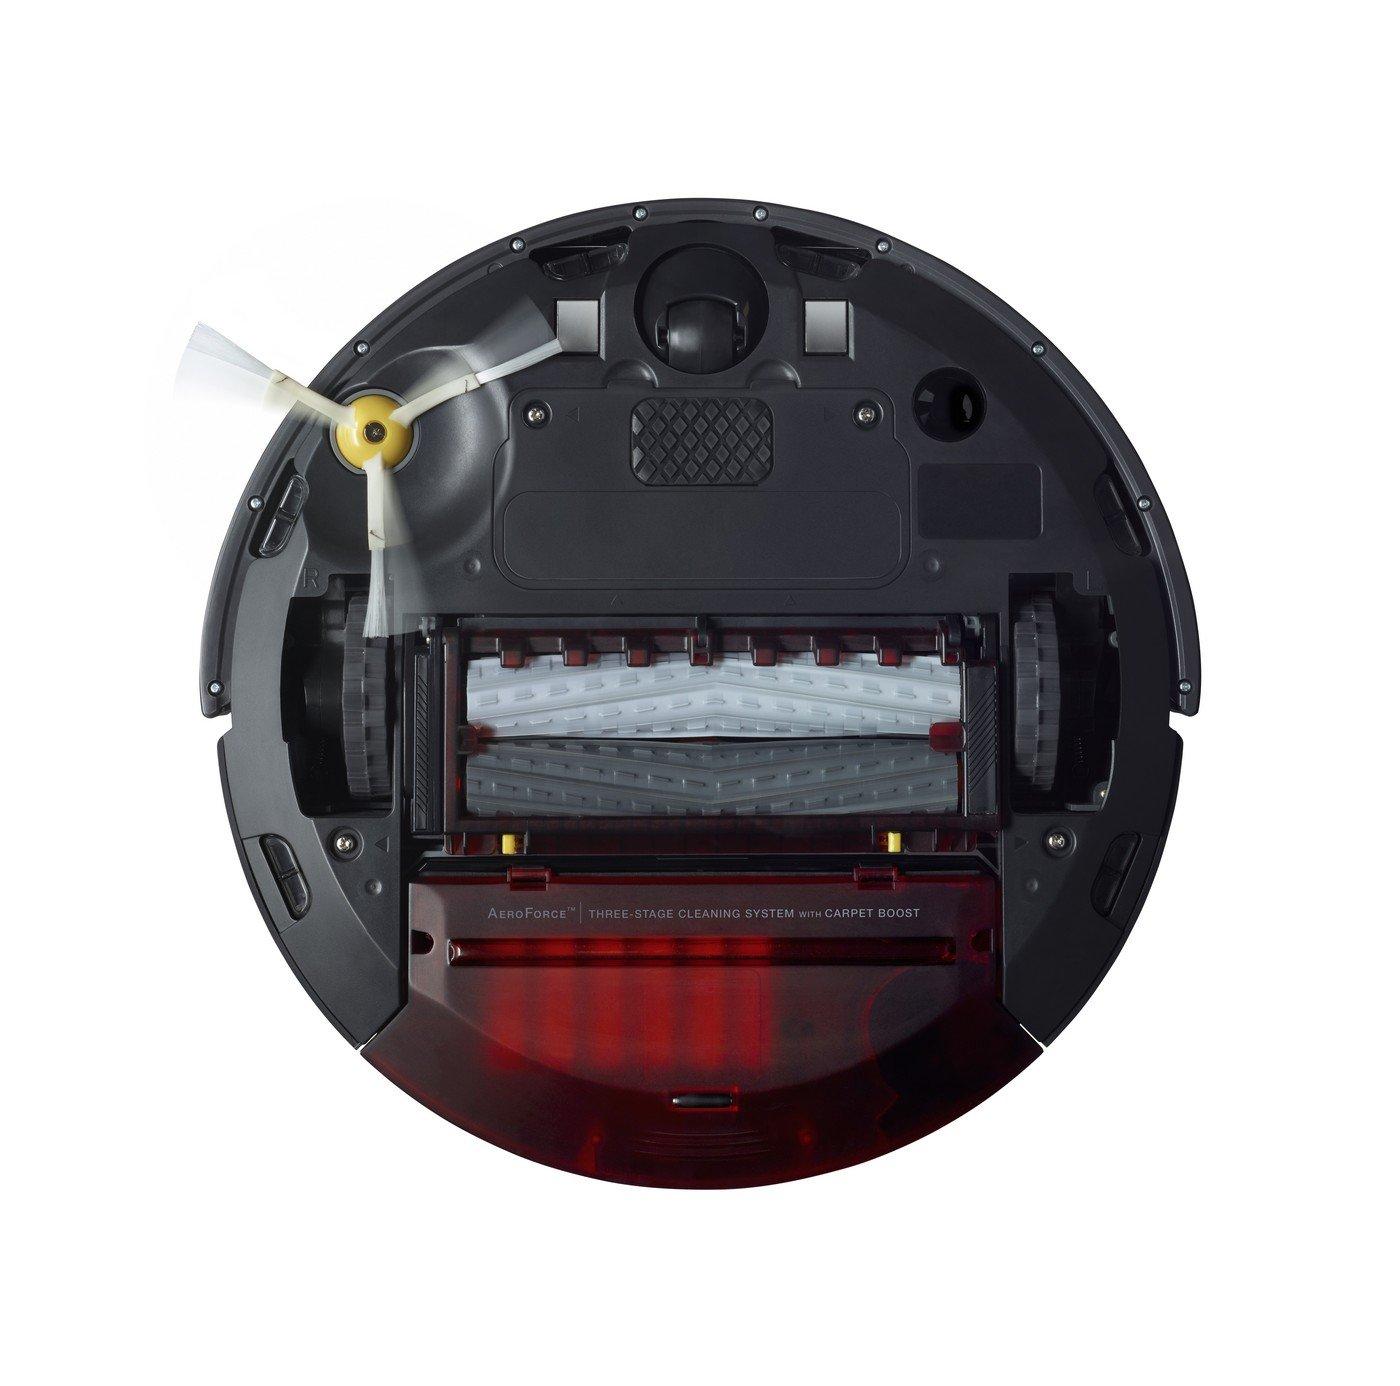 iRobot Roomba 960 Robot Aspirapolvere, Sistema di Pulizia Dirt Detect, Spazzole Tangle-Free, per Pavimenti e Tappeti… 3 spesavip